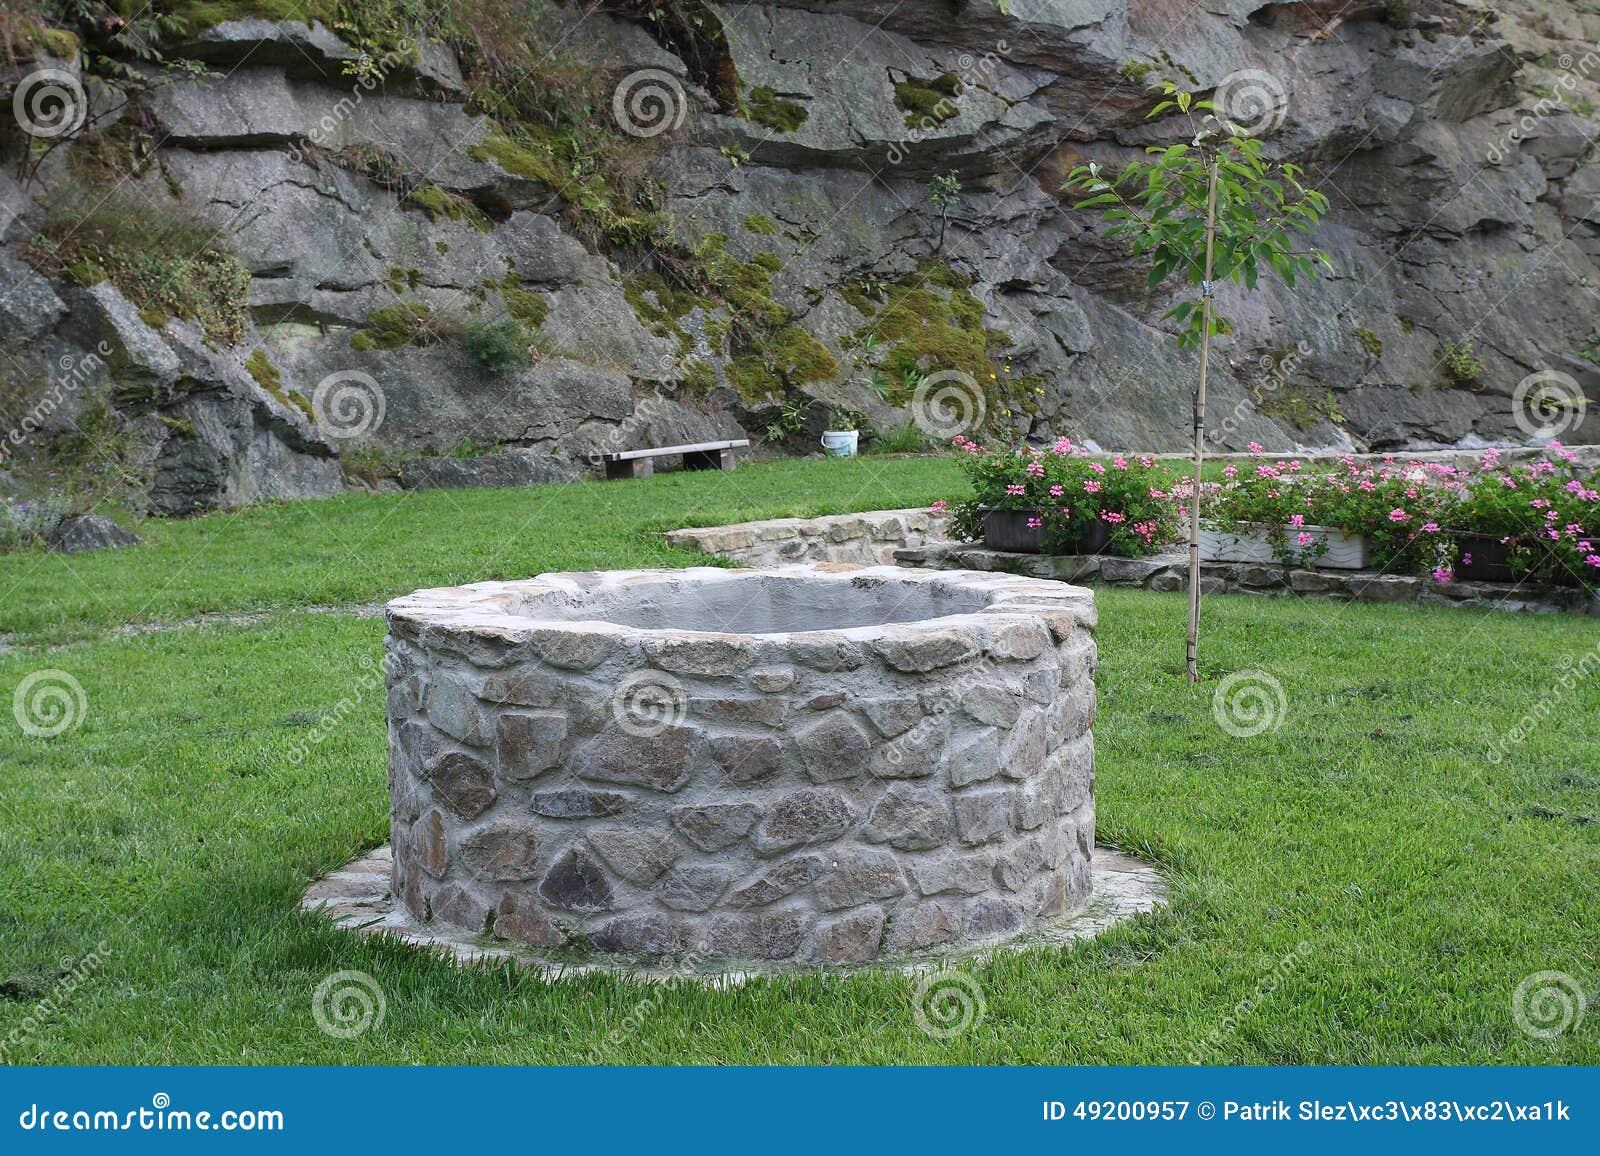 Waterput in tuin stock afbeelding afbeelding bestaande uit outdoors 49200957 - Tuin decoratie buitenkant ...